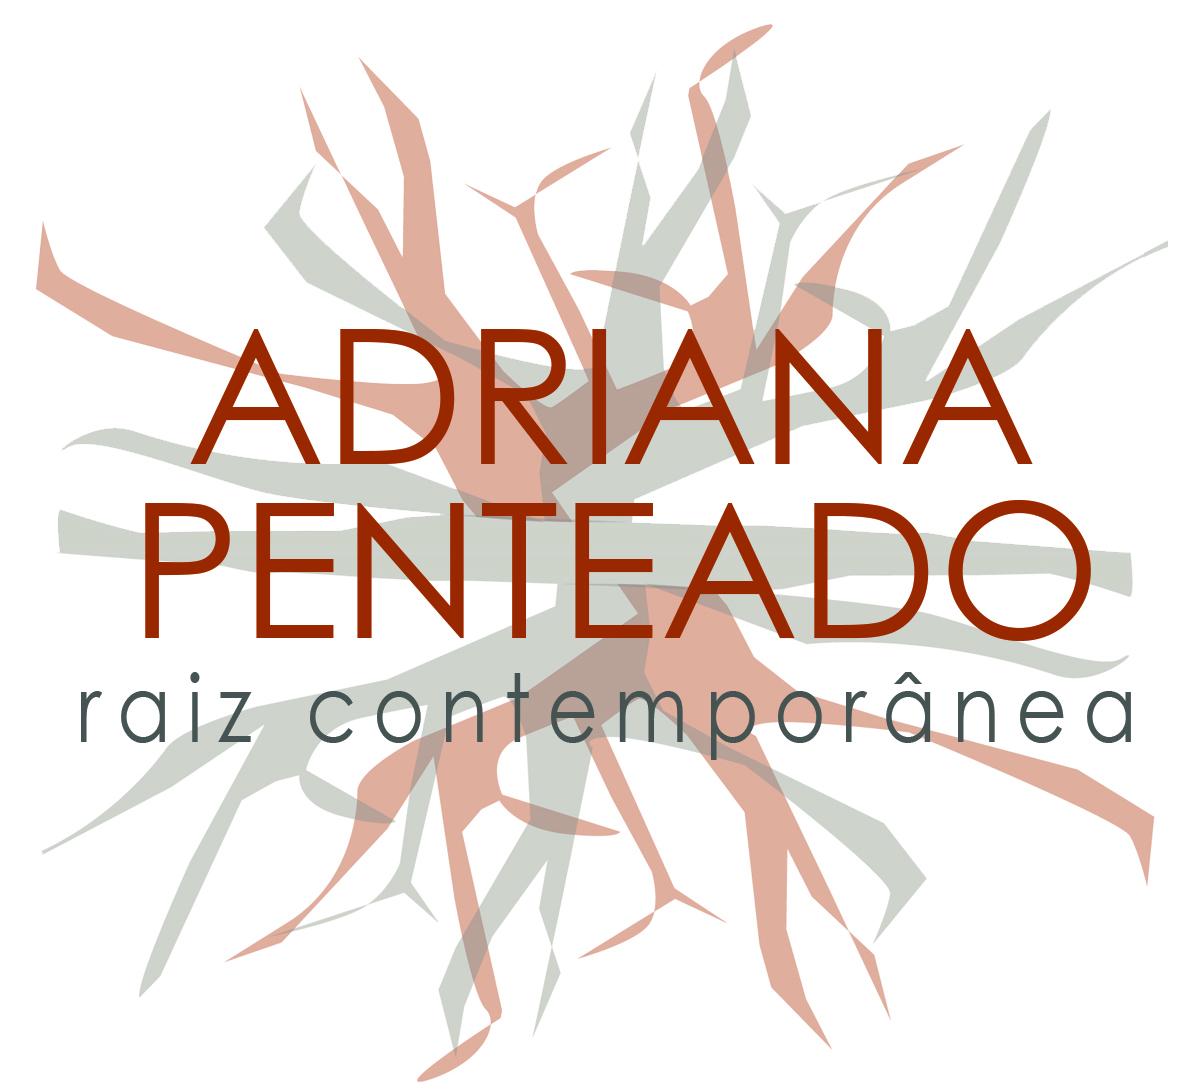 Adriana Penteado